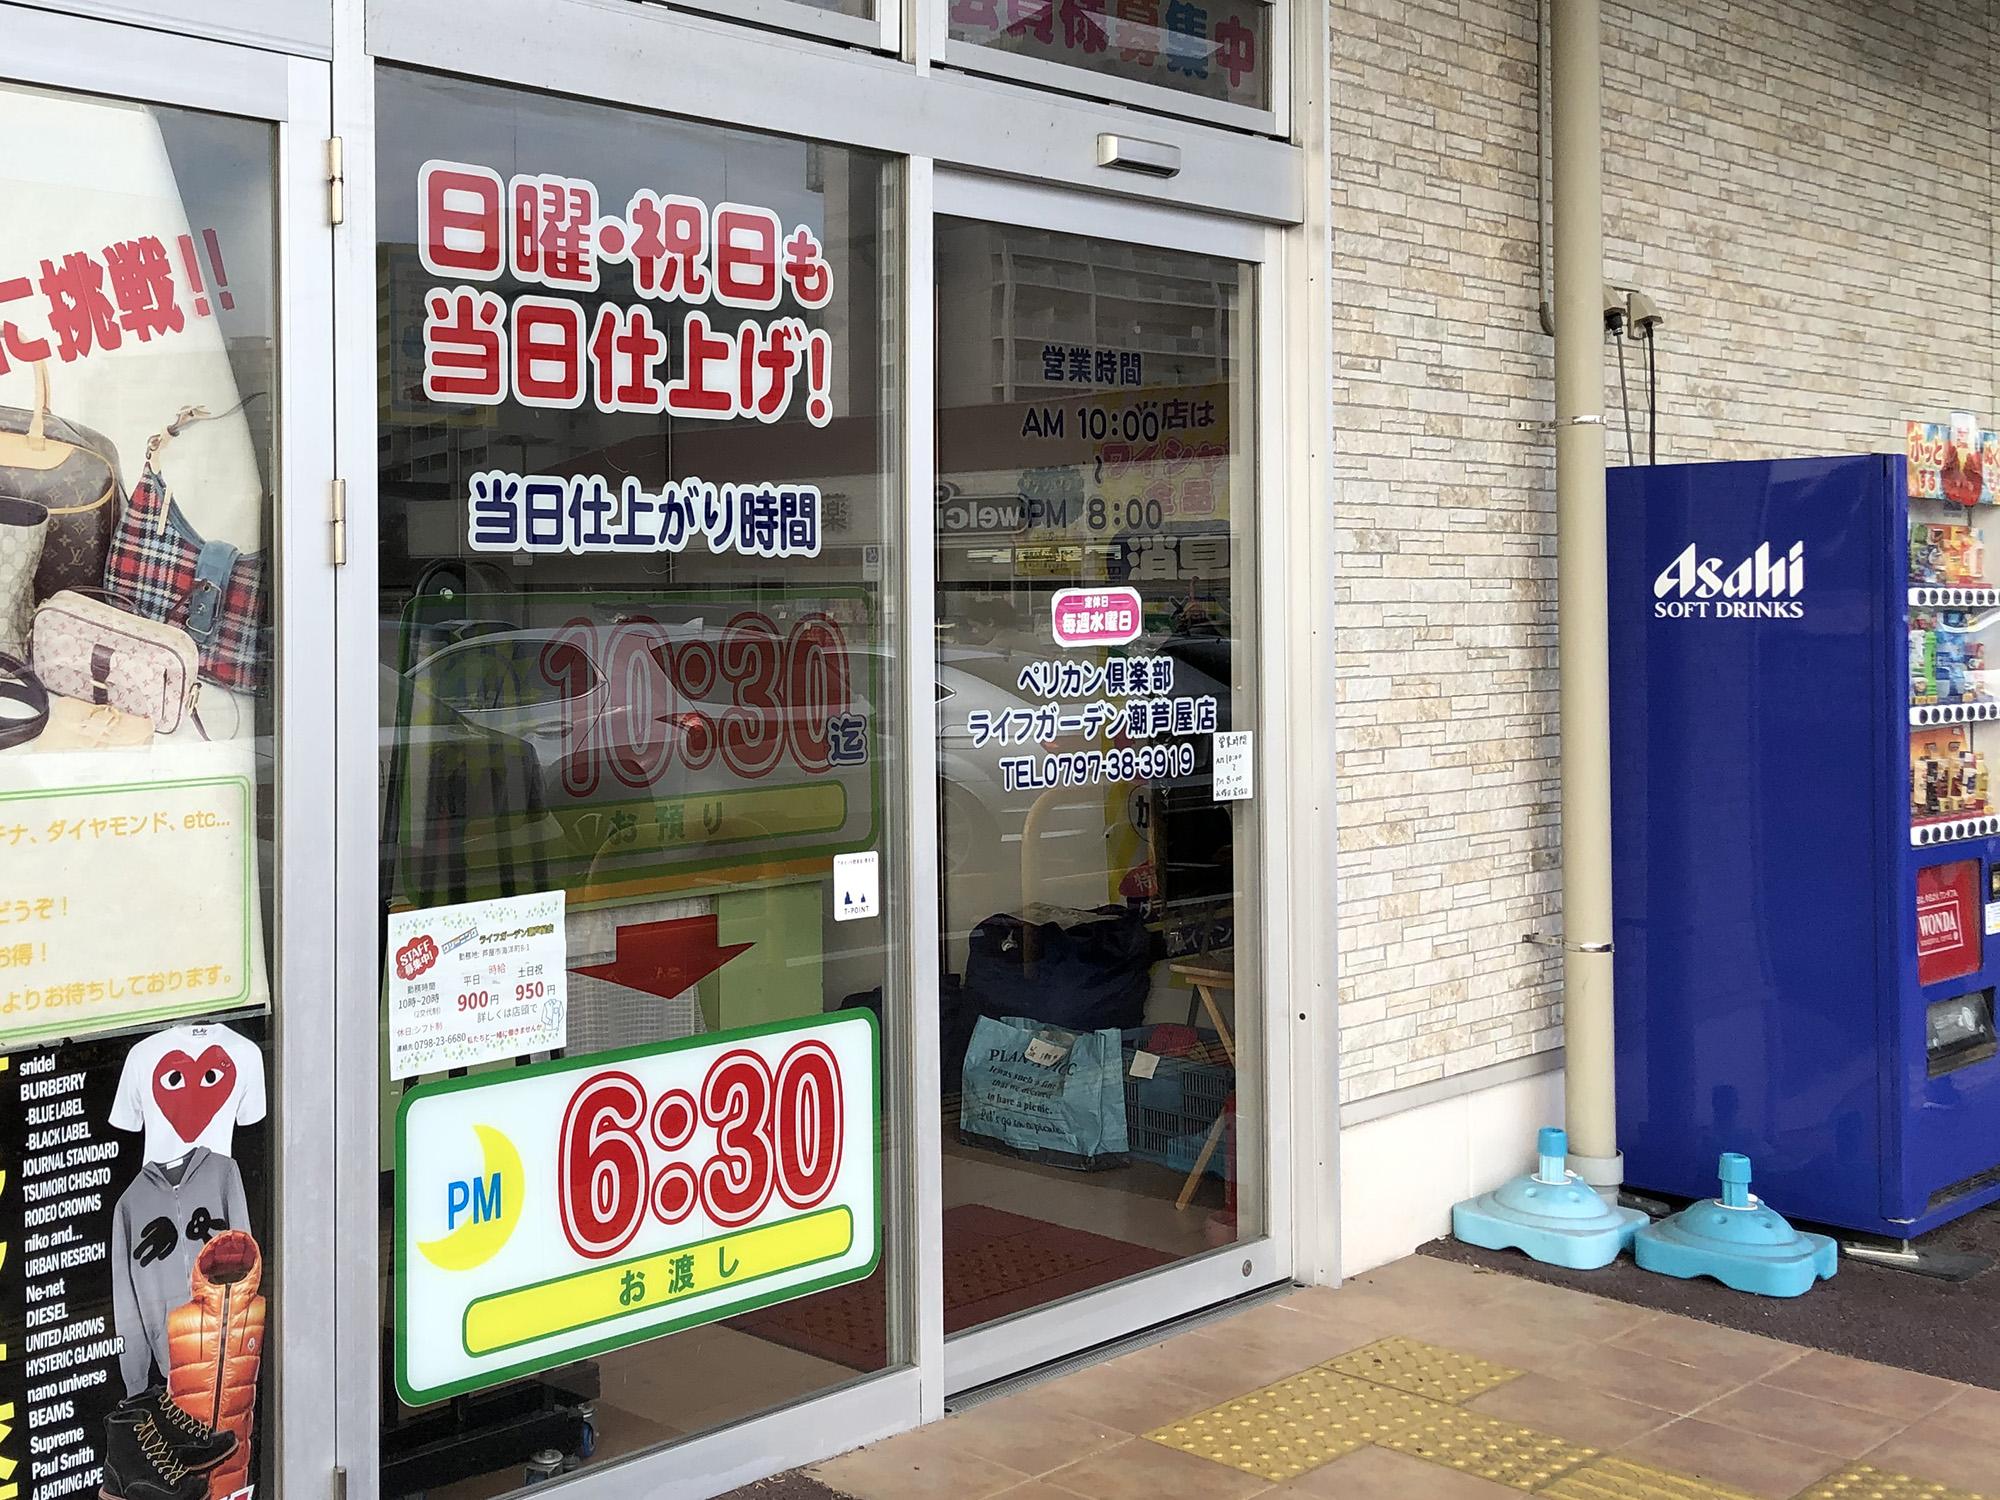 クリーニングのペリカン倶楽部 ライフガーデン潮芦屋店